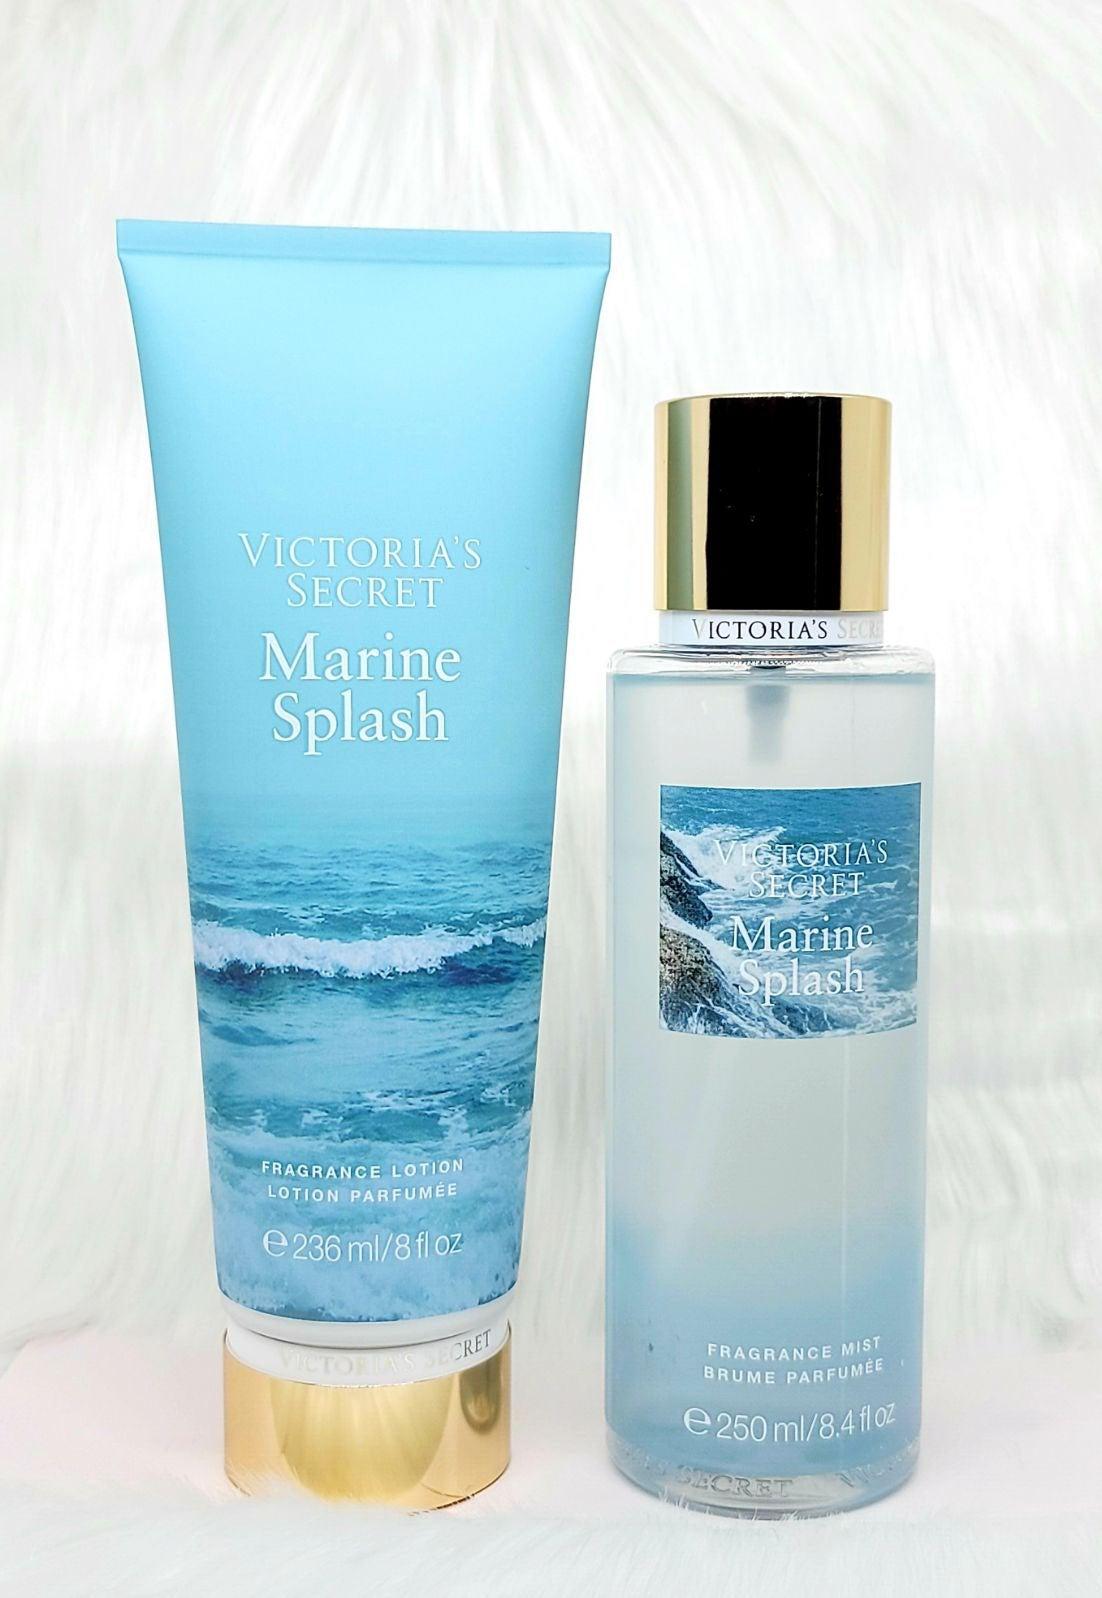 VS Marine Splash Mist & Lotion Set